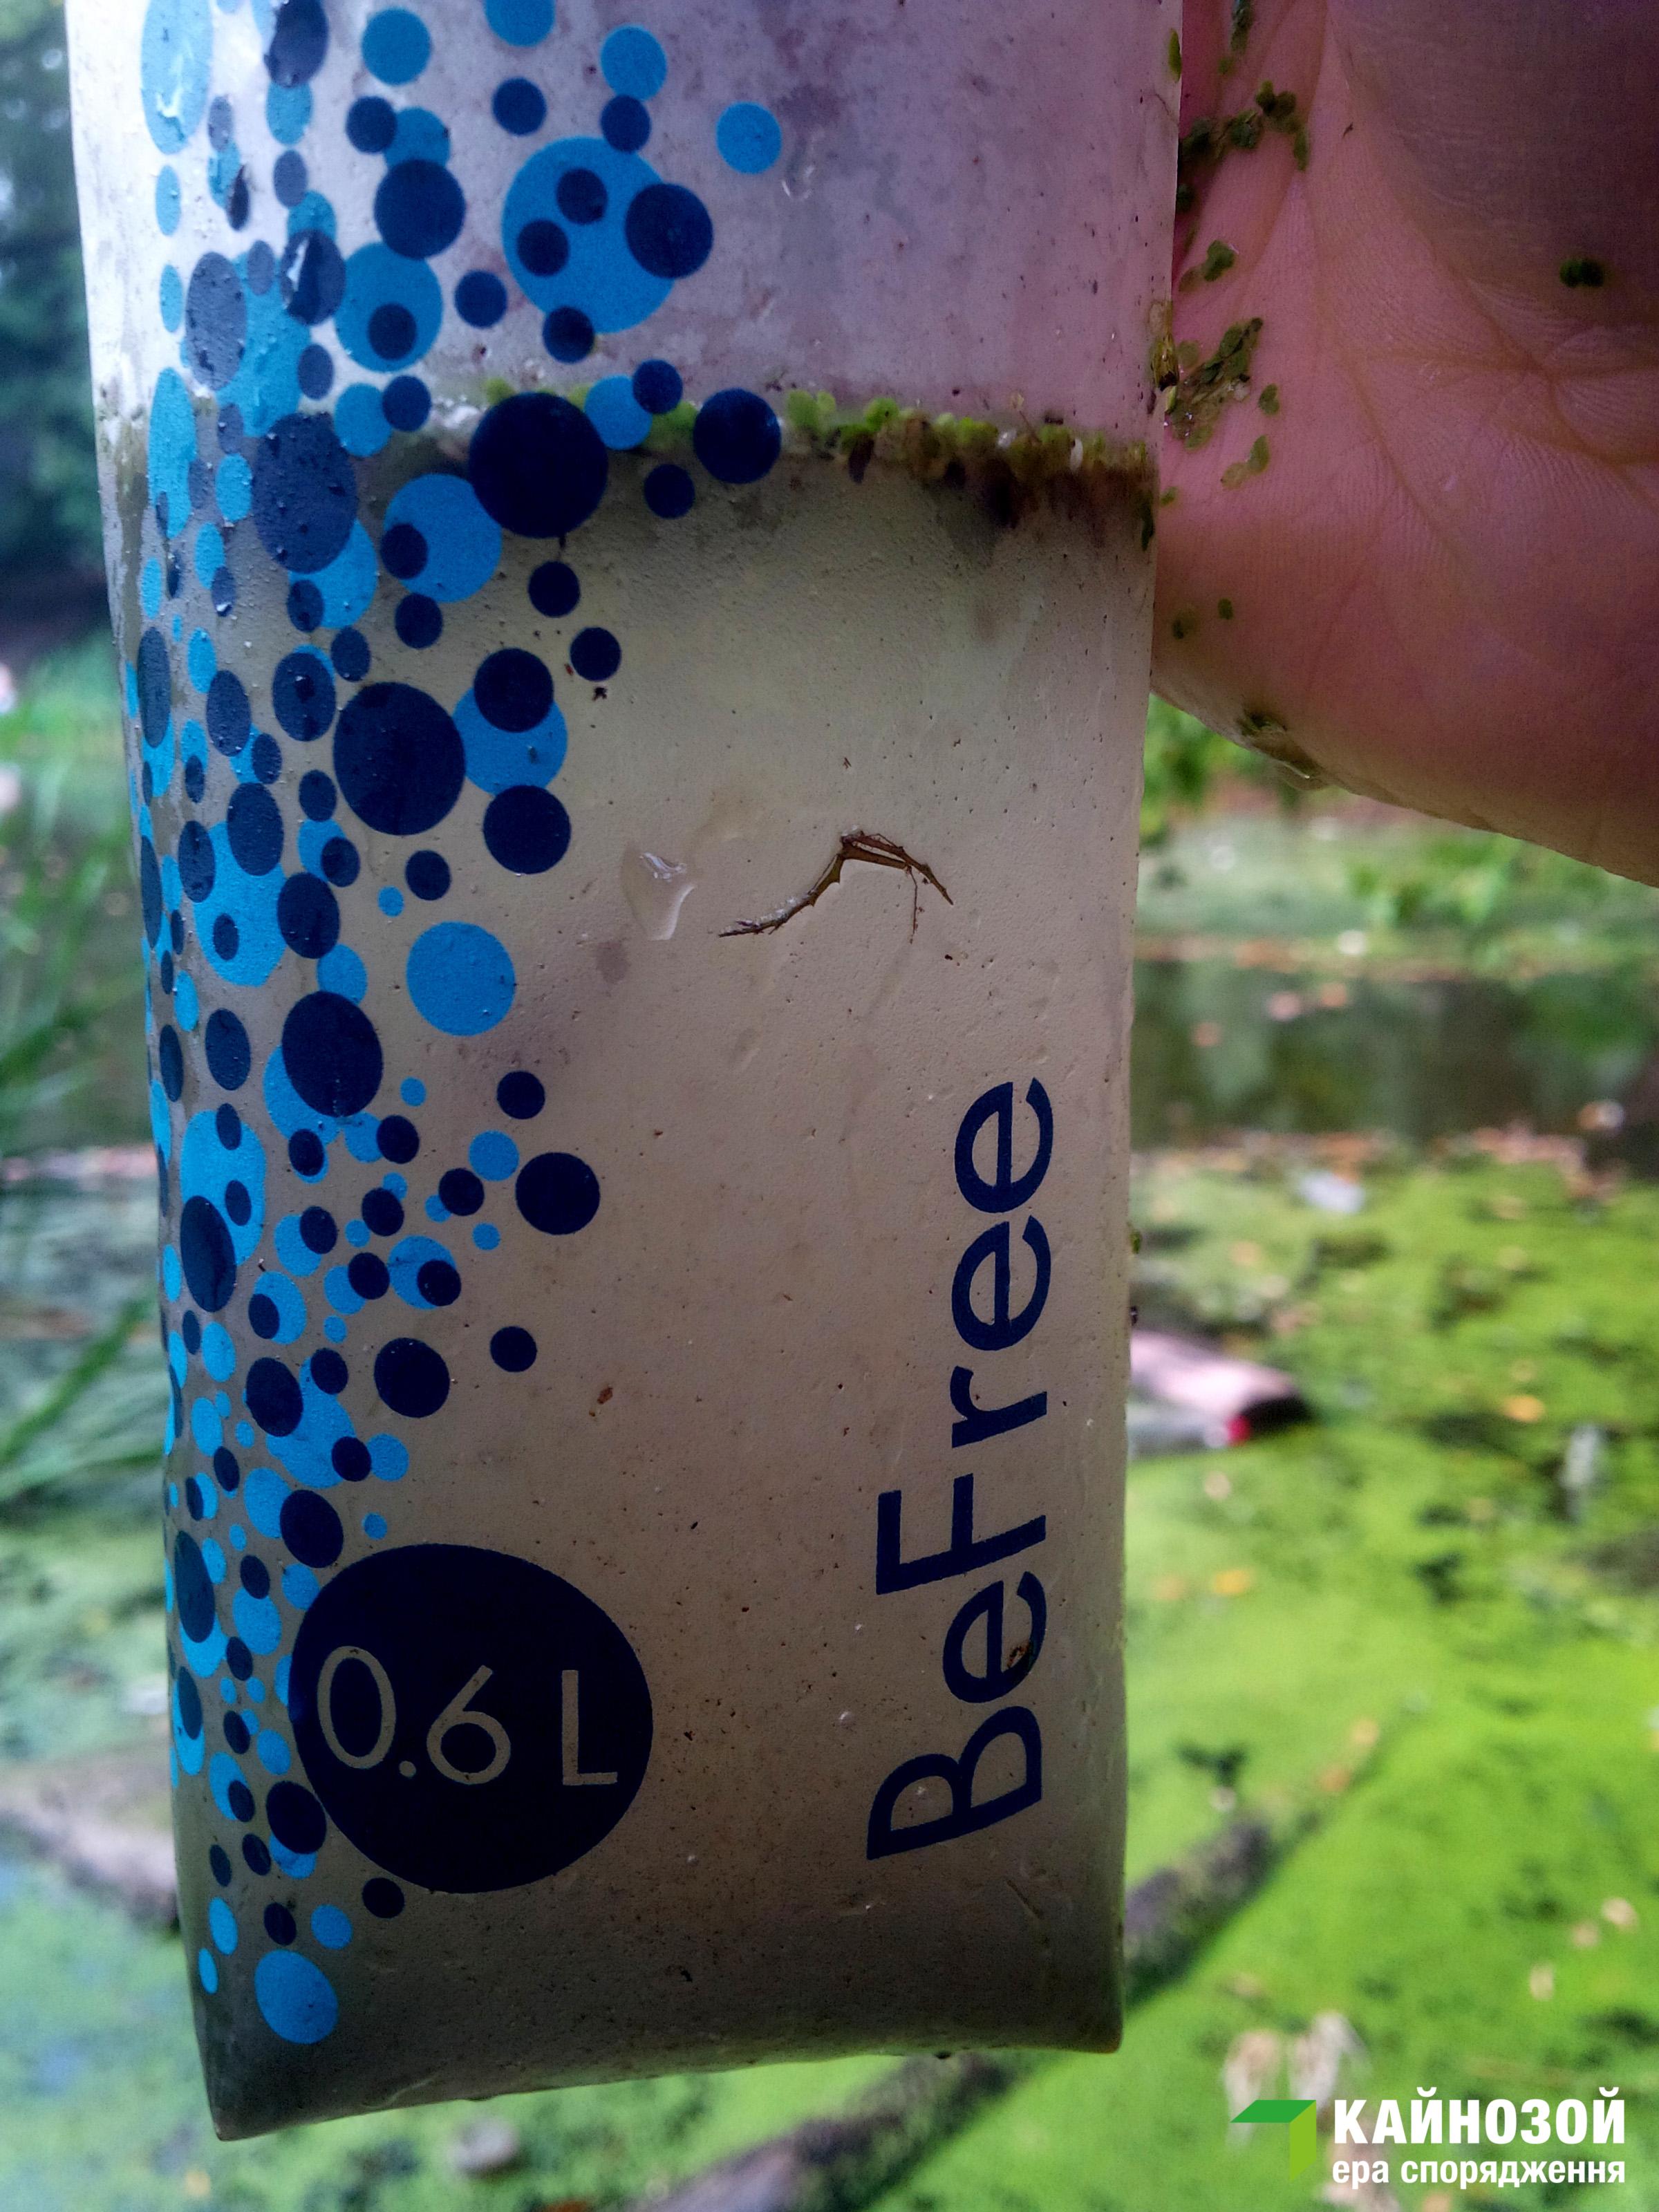 Фильтр воды для туристов Катадин Бифри